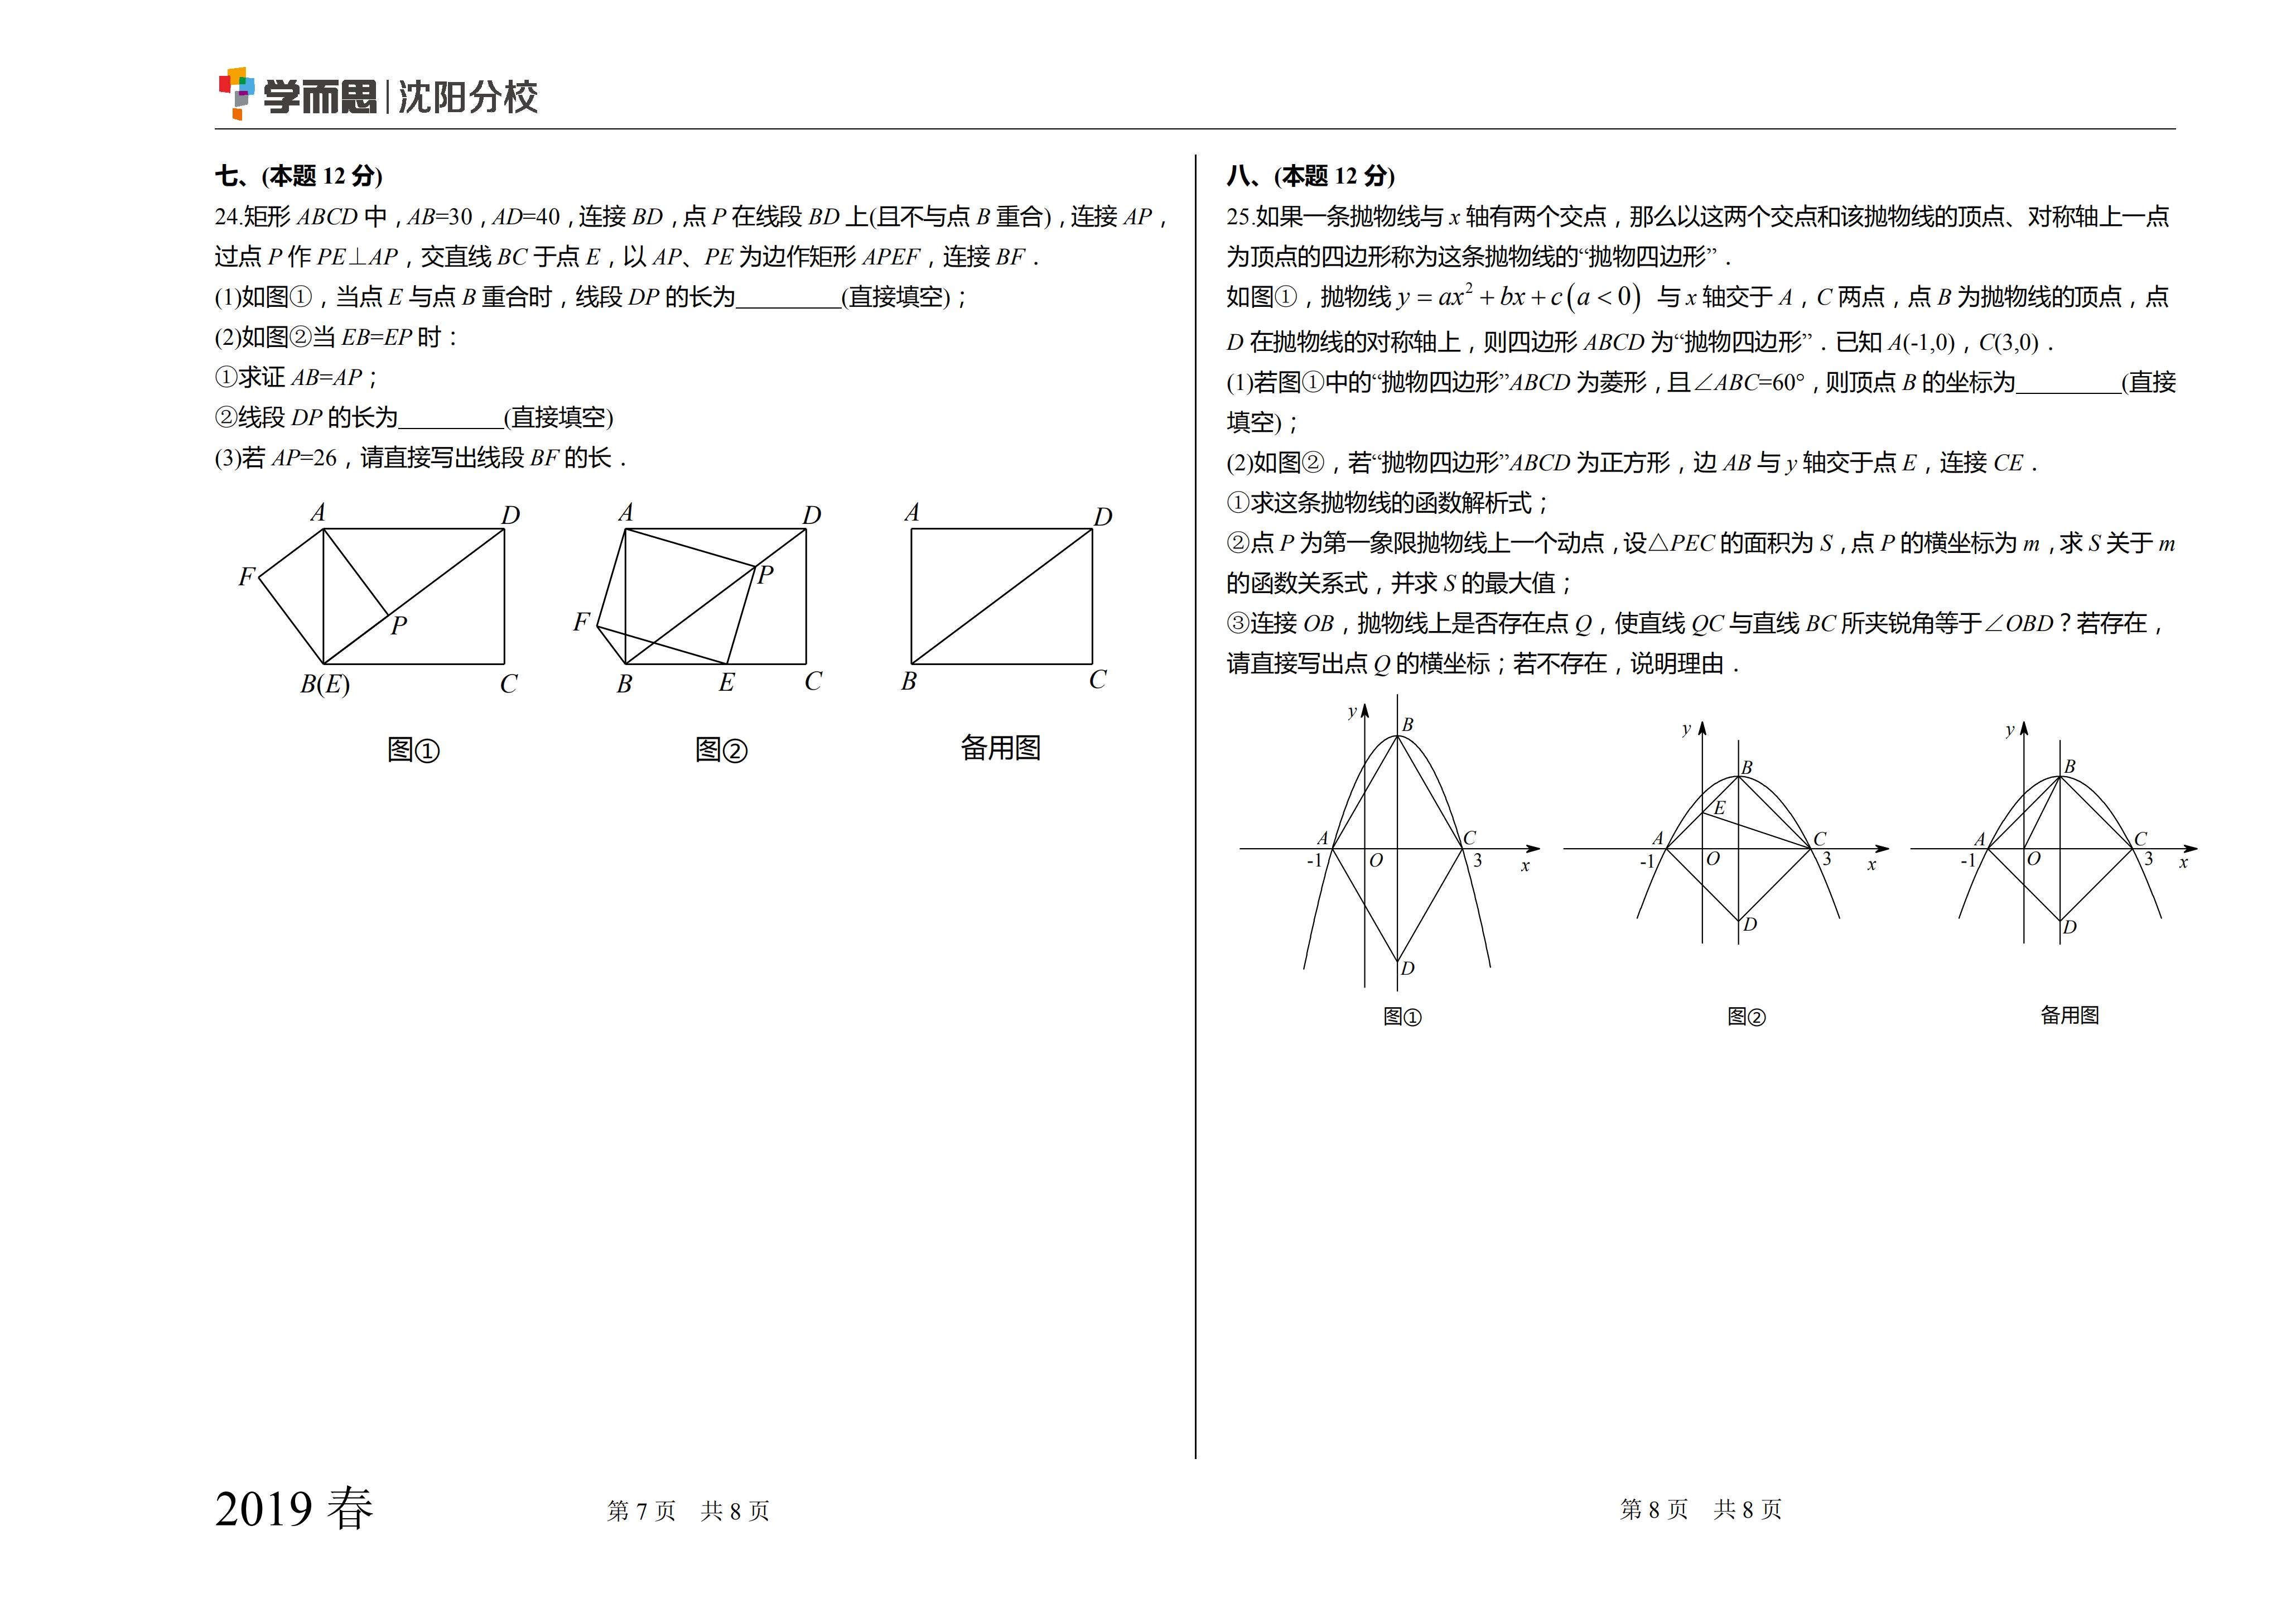 2019年皇姑区一模数学试卷_03.png